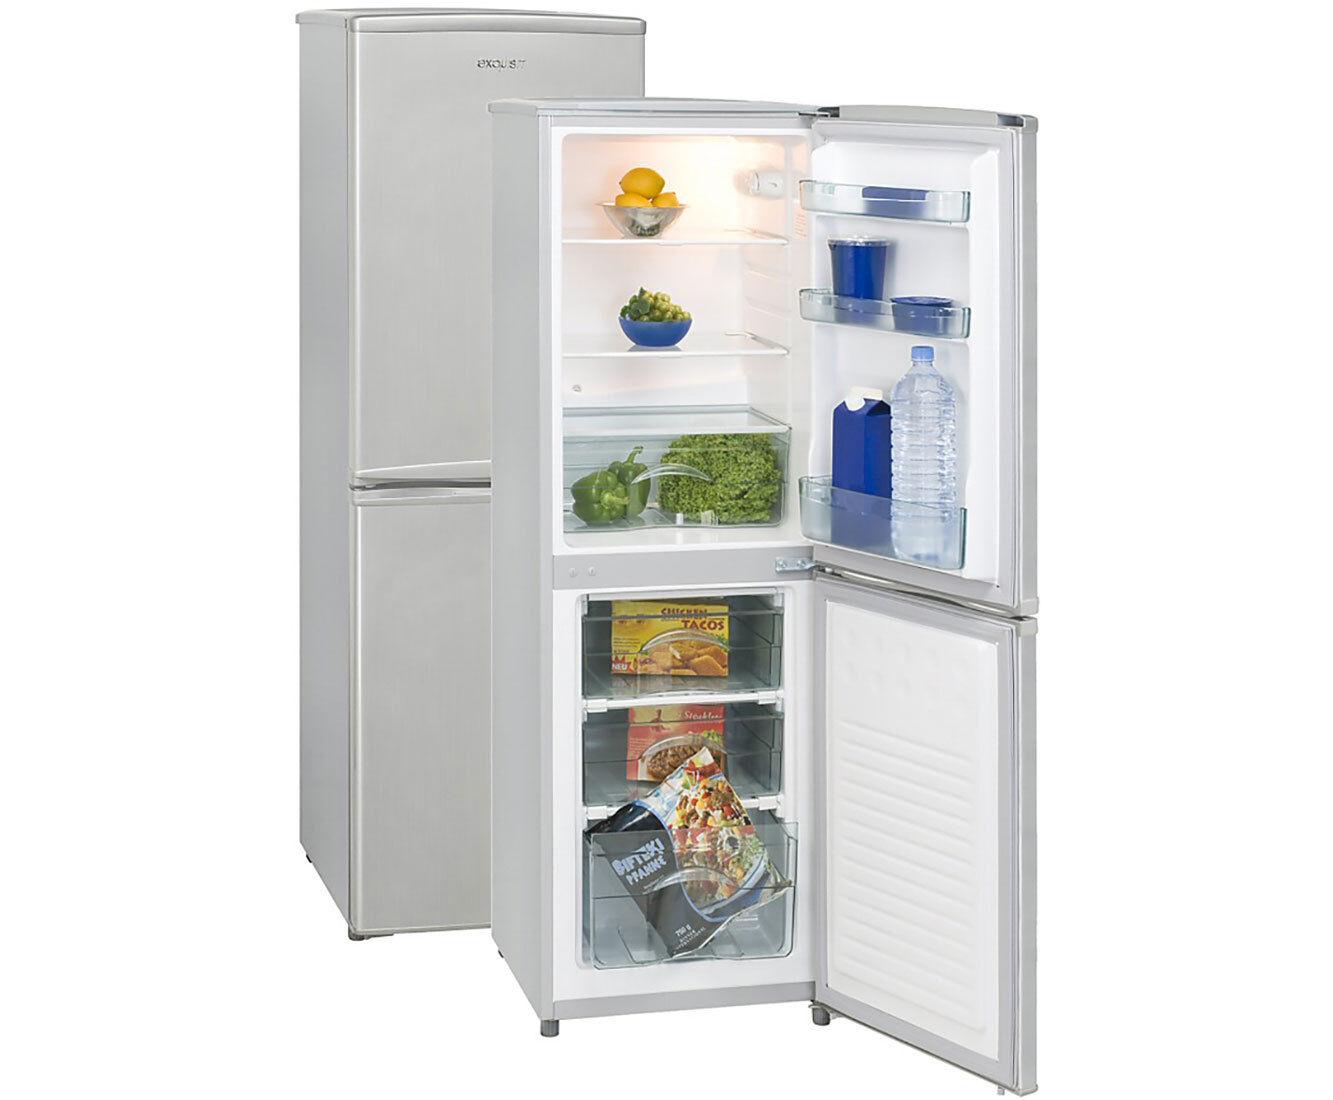 Bomann Kühlschrank Dt 247 : Exquisit kgc  l kühlschrank ebay